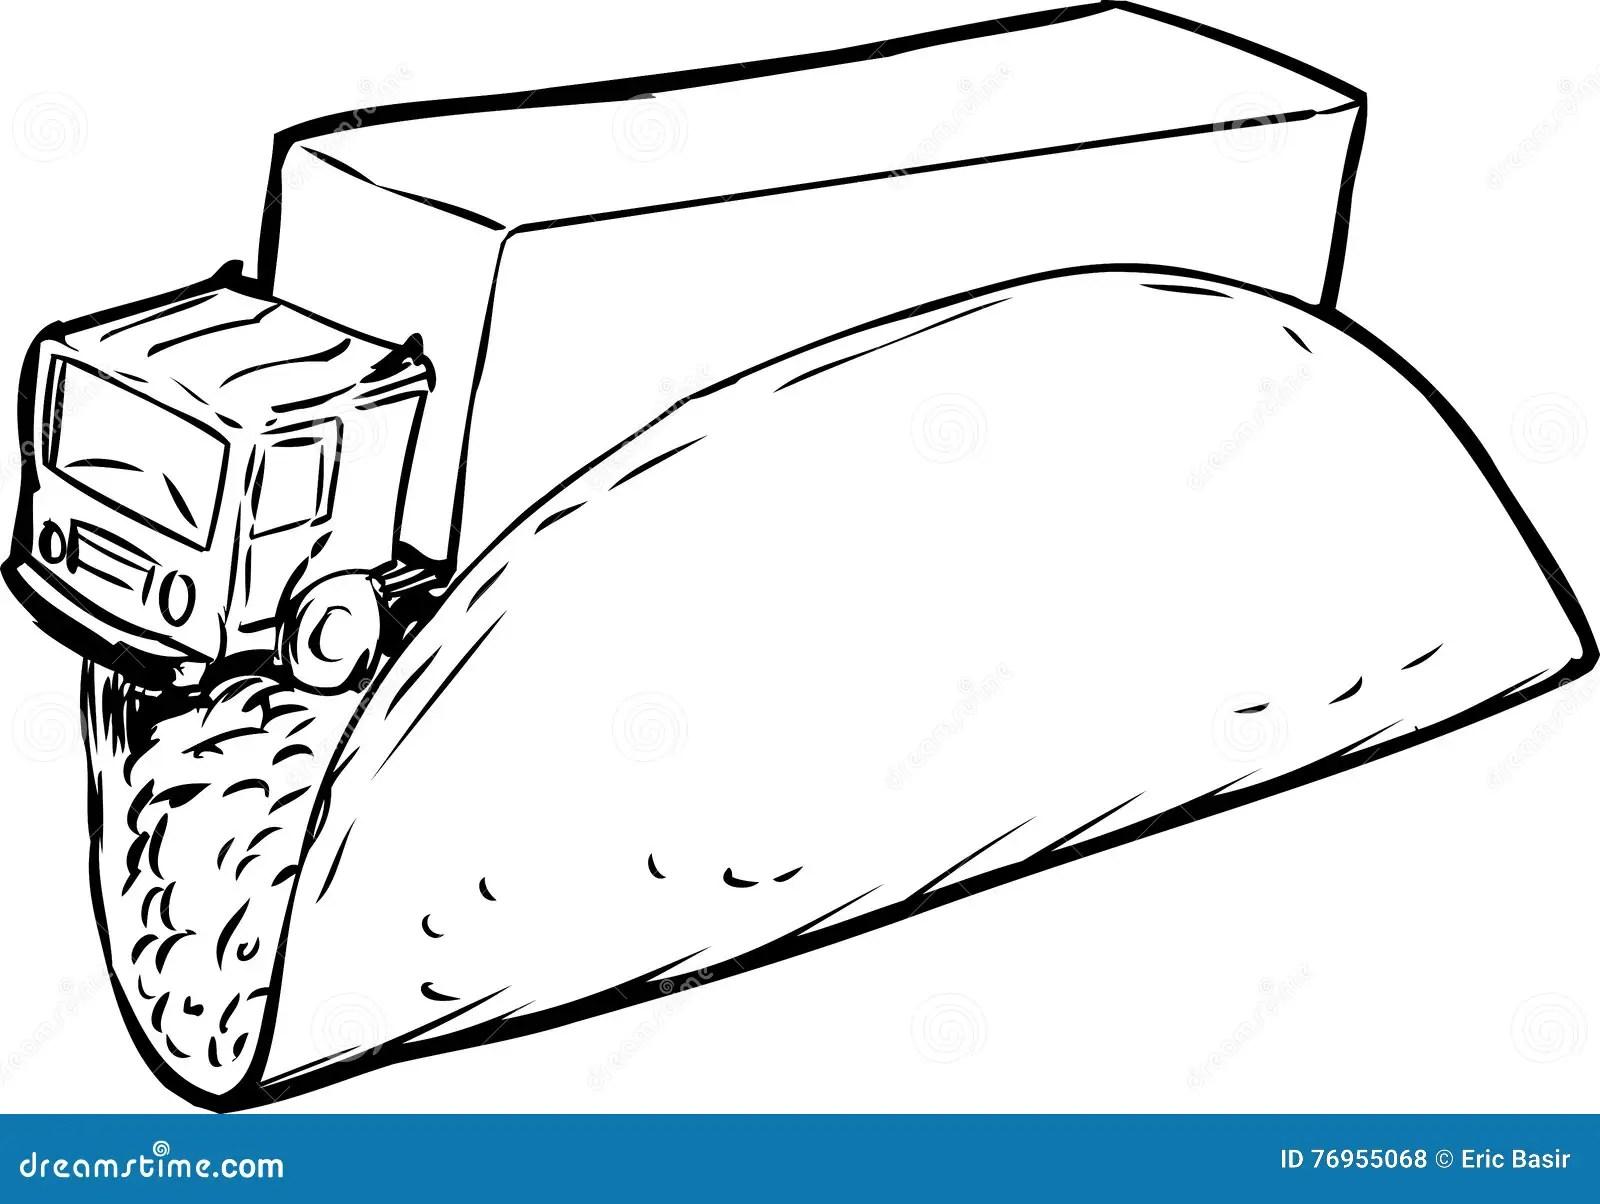 Taco Truck Outline Sketch Stock Illustration Illustration